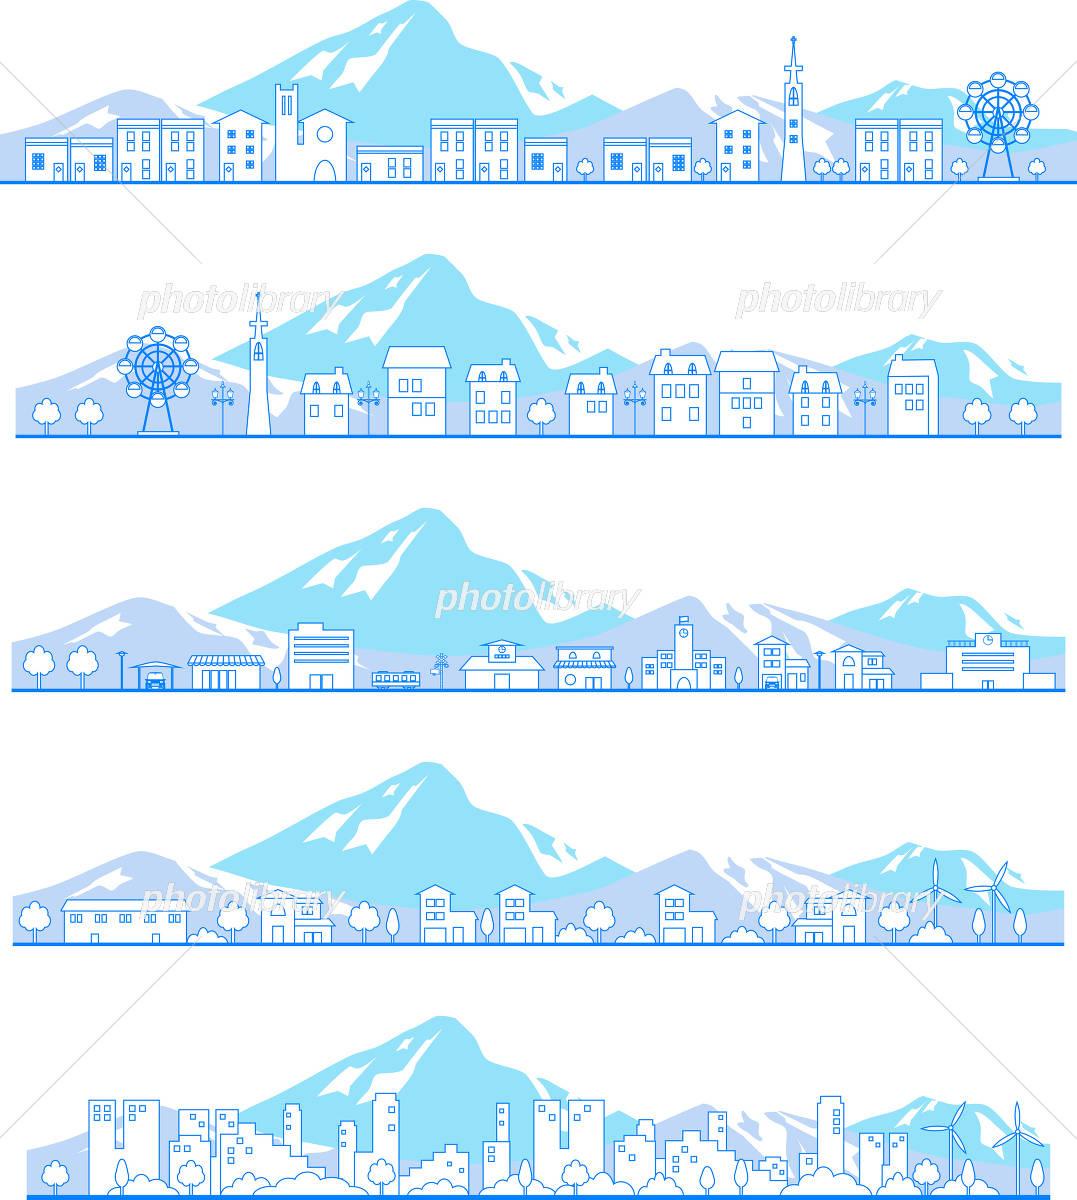 街並みと雪山 イラスト素材 4061610 フォトライブラリー Photolibrary